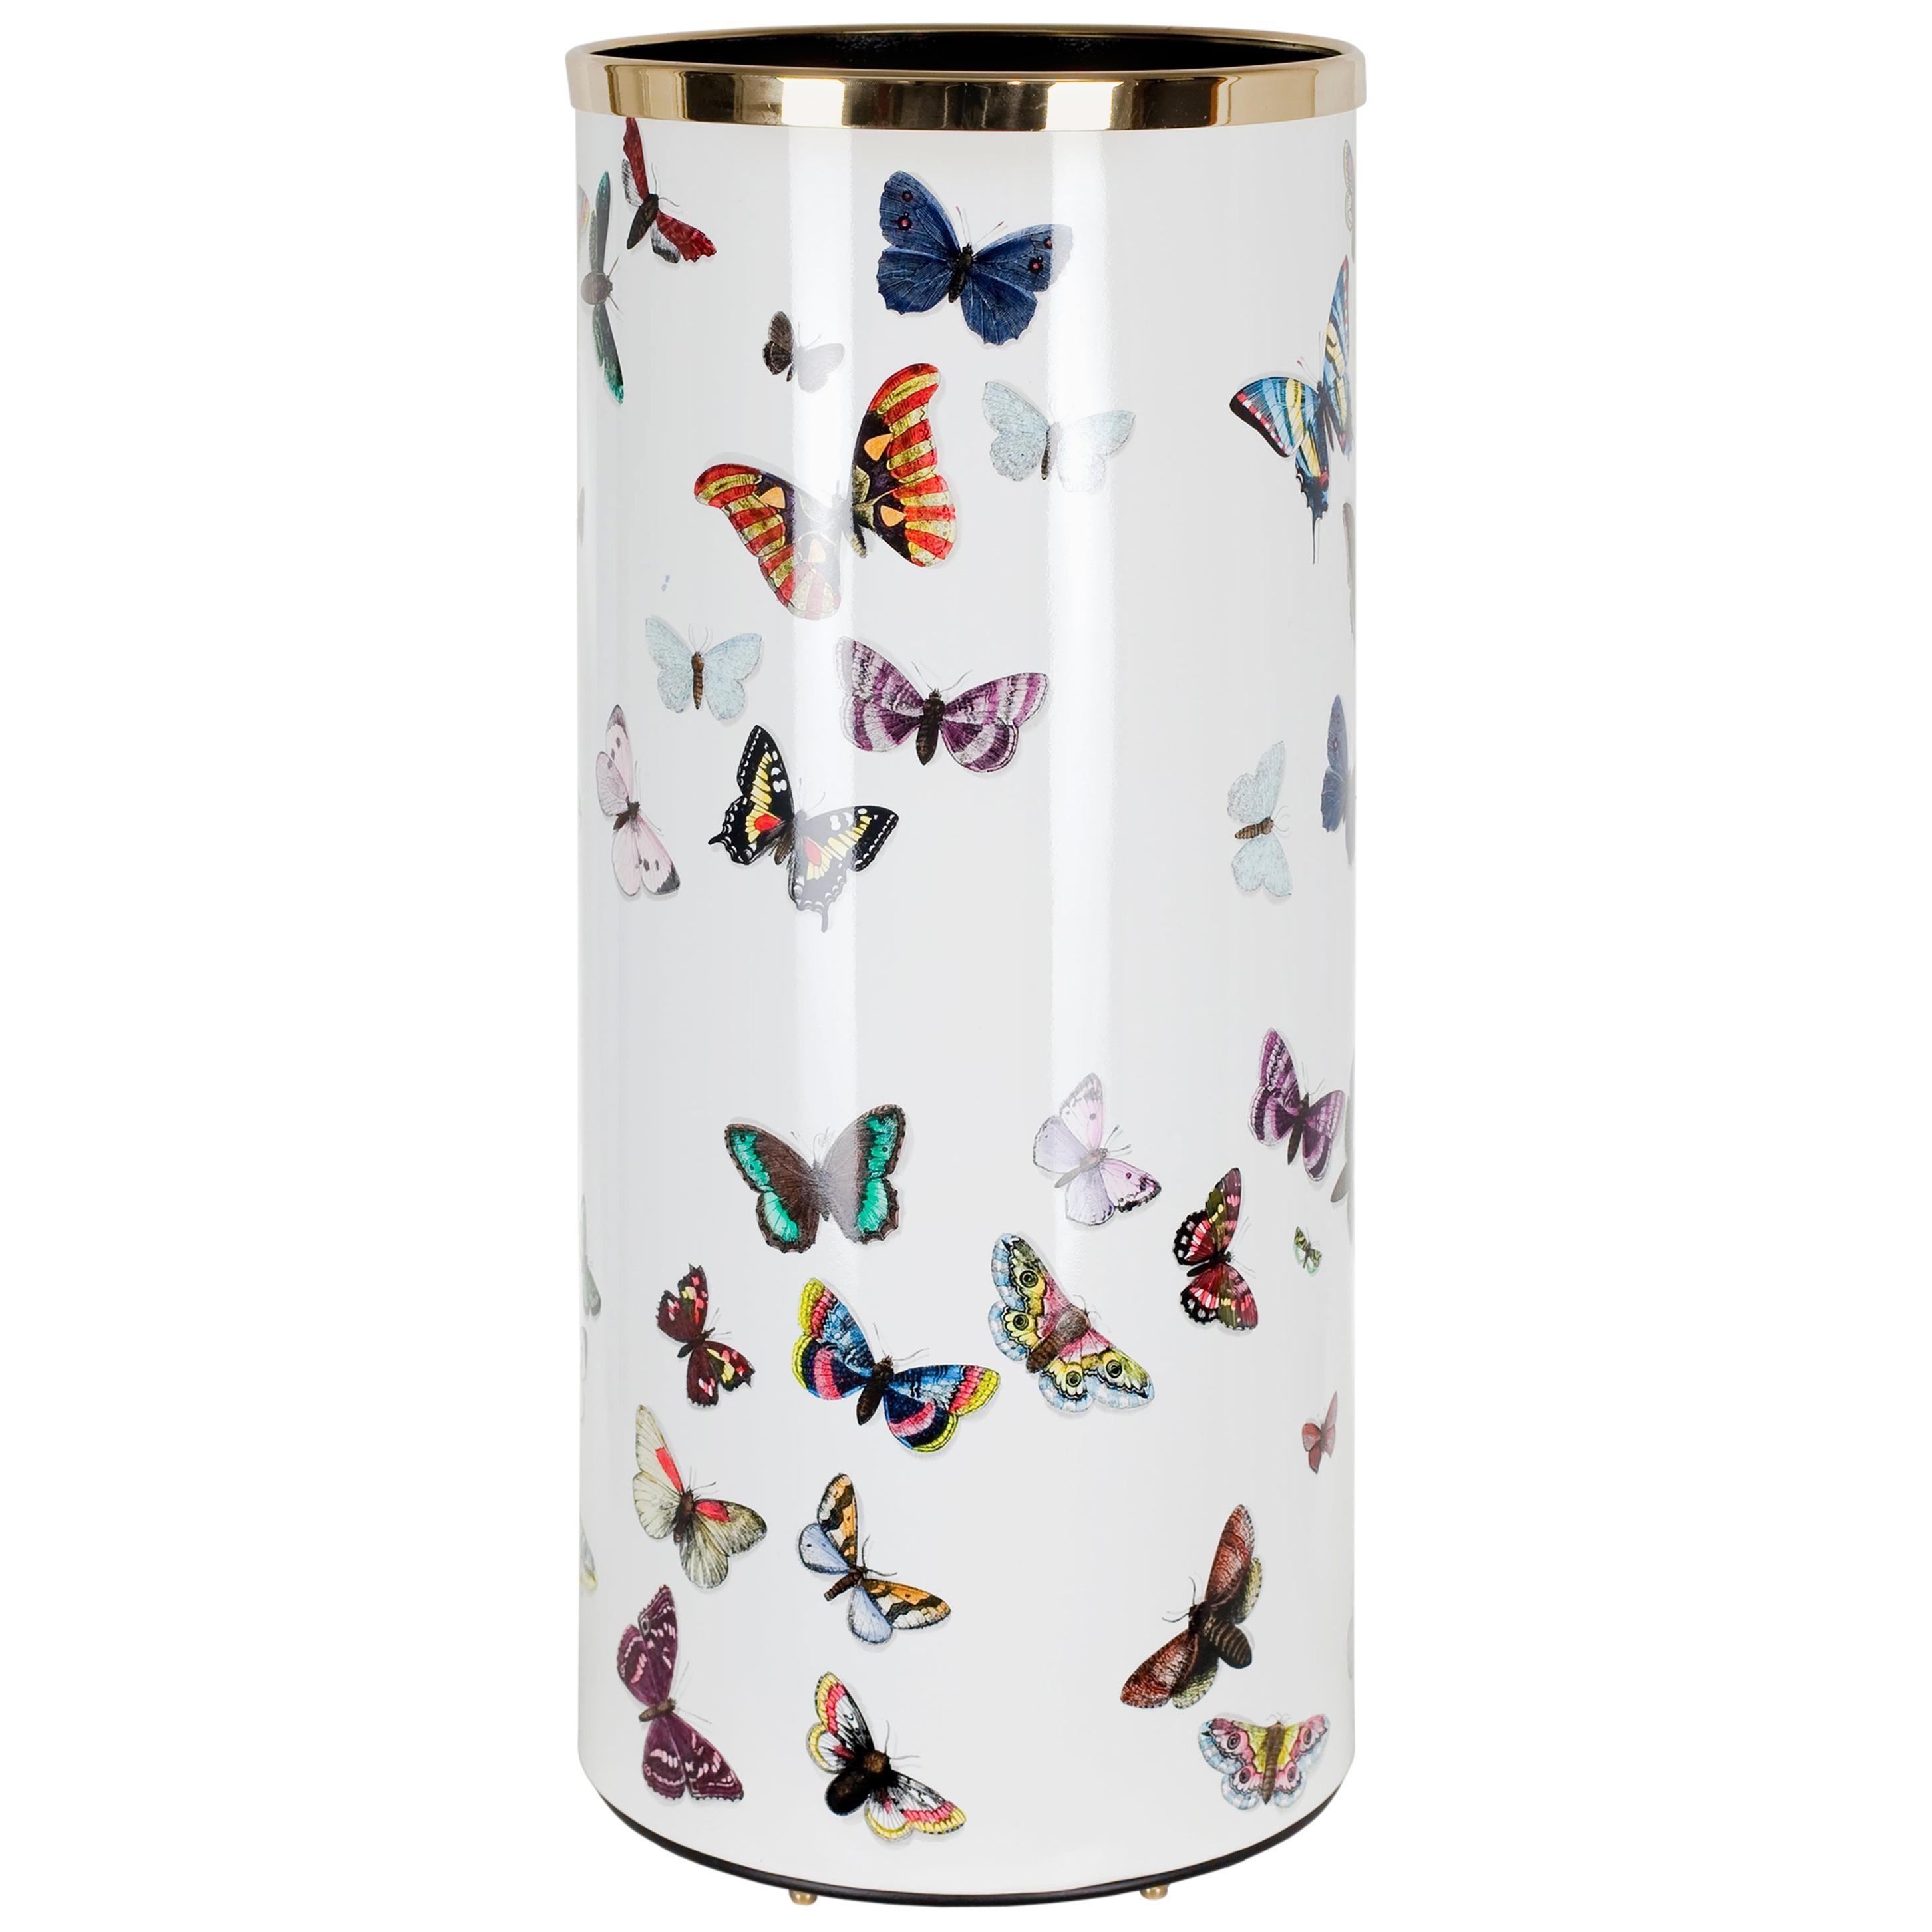 Fornasetti Umbrella Stand Farfalle Handcolored on White